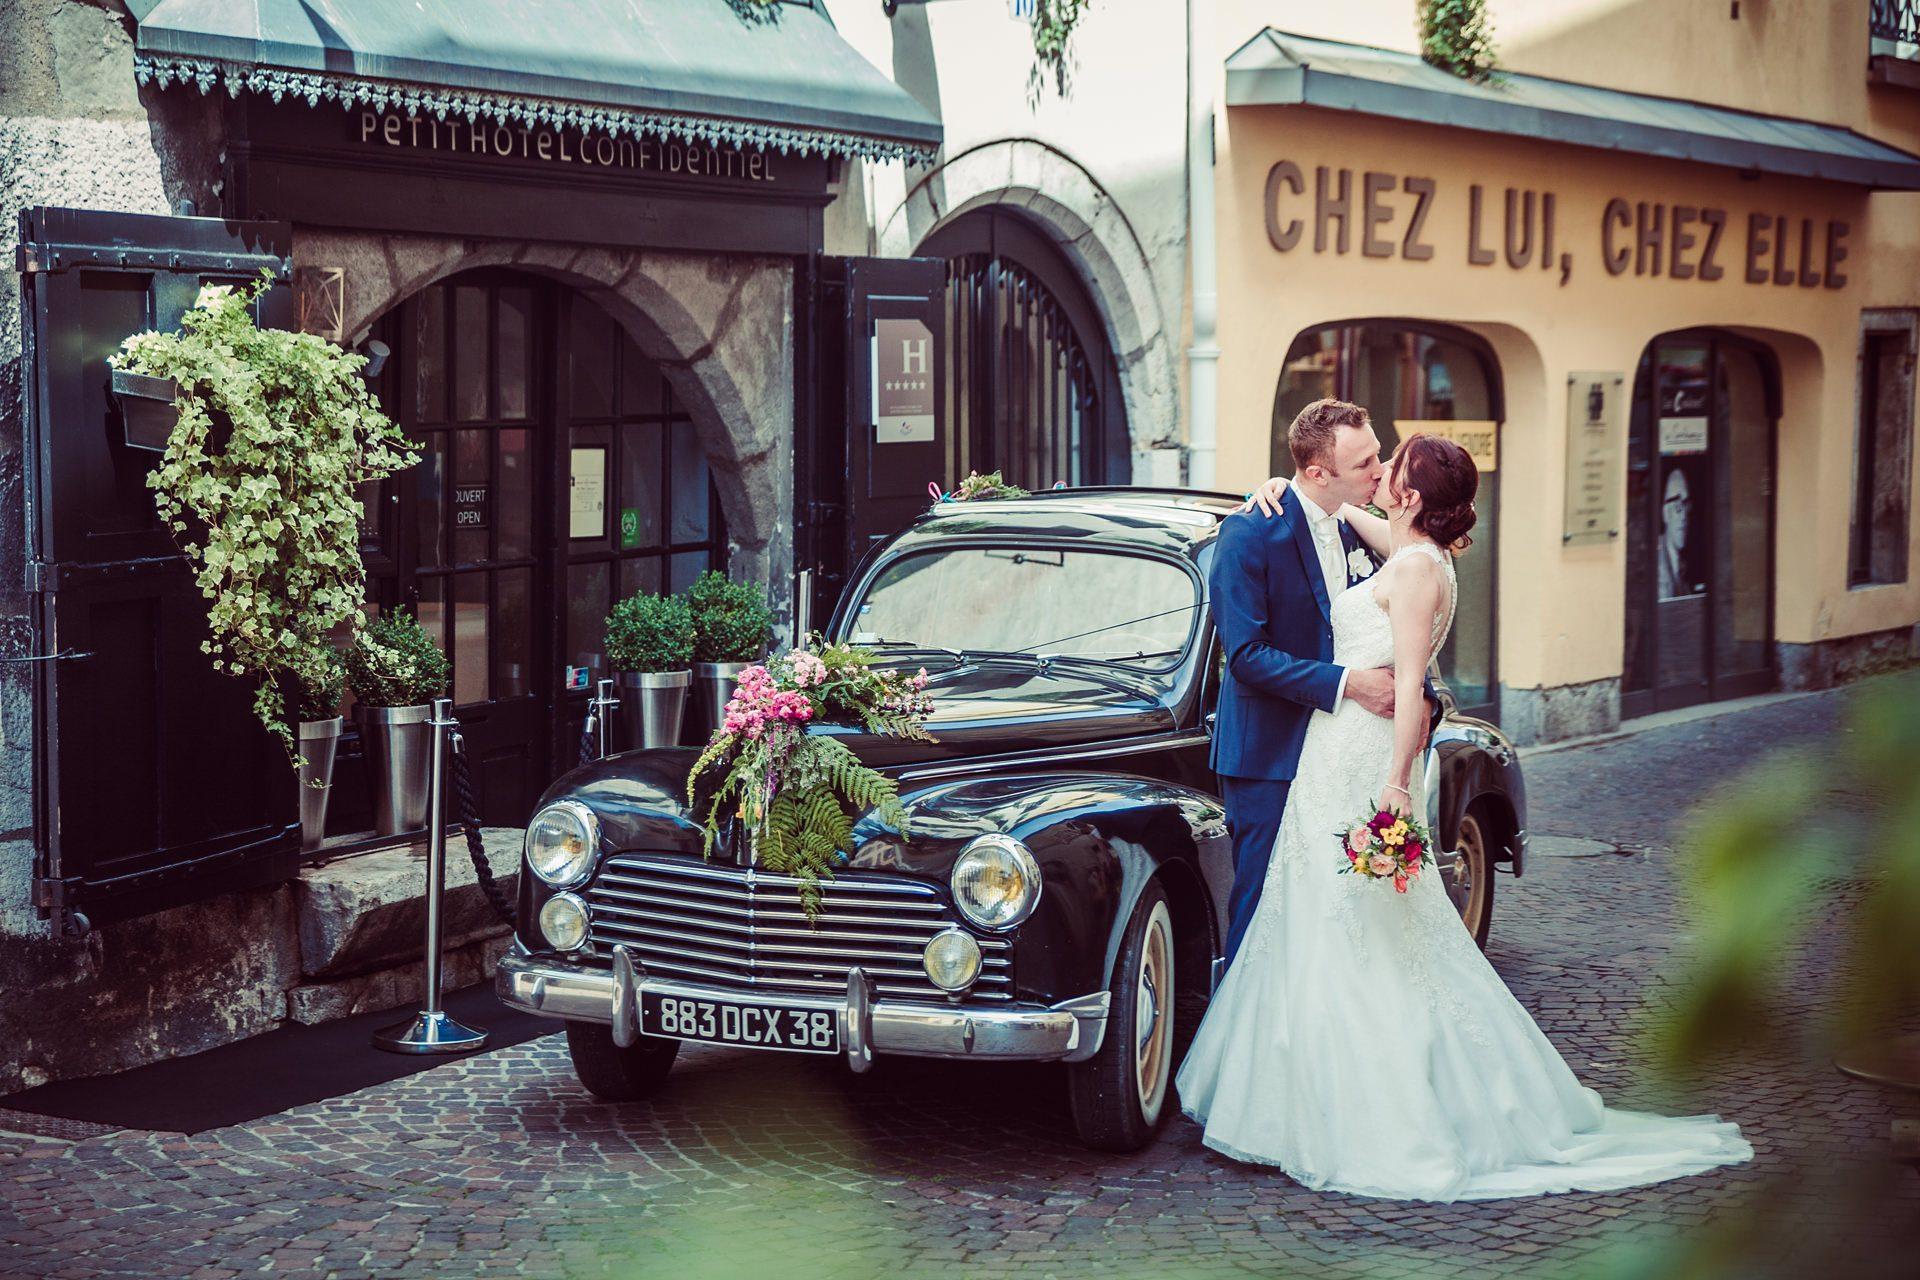 Photographe de mariage au Petit hôtel confidentiel à Chambéry